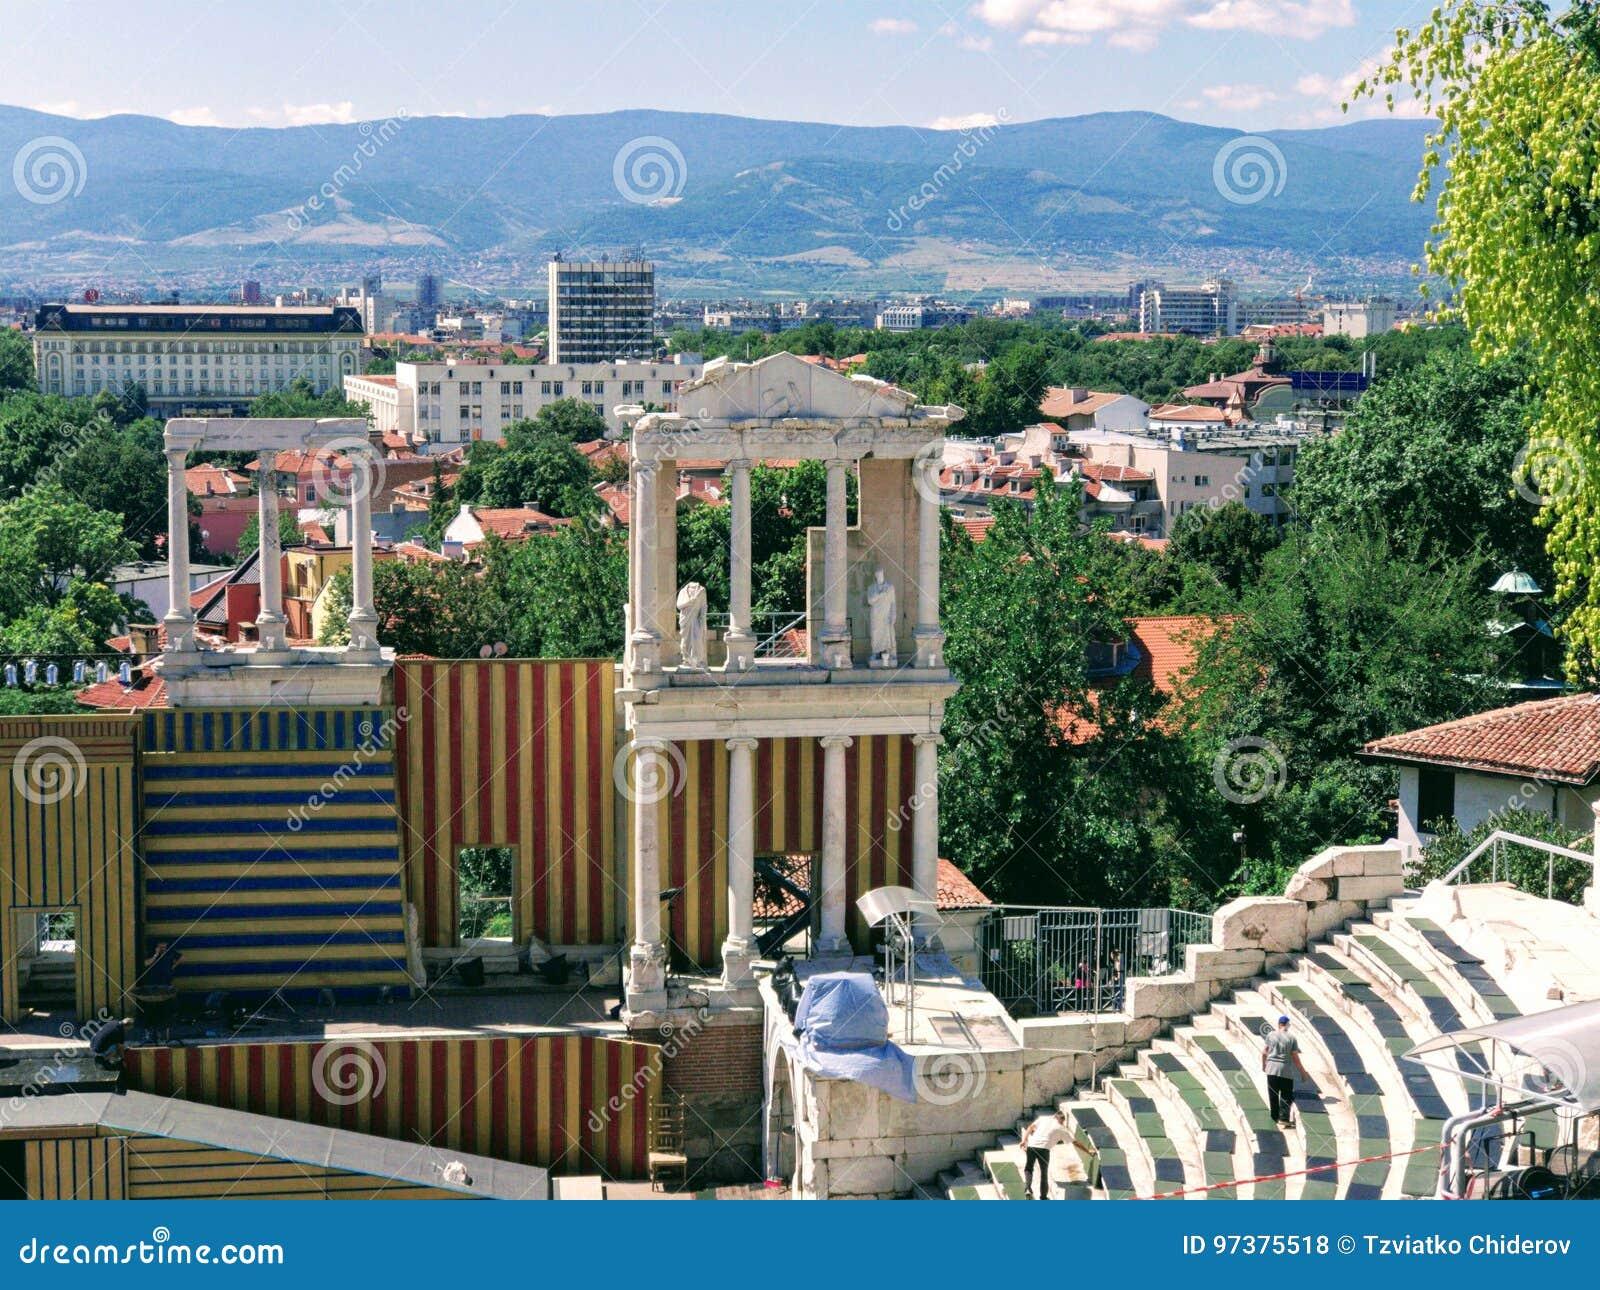 Antyczny Romański amfiteatr na górze wzgórza